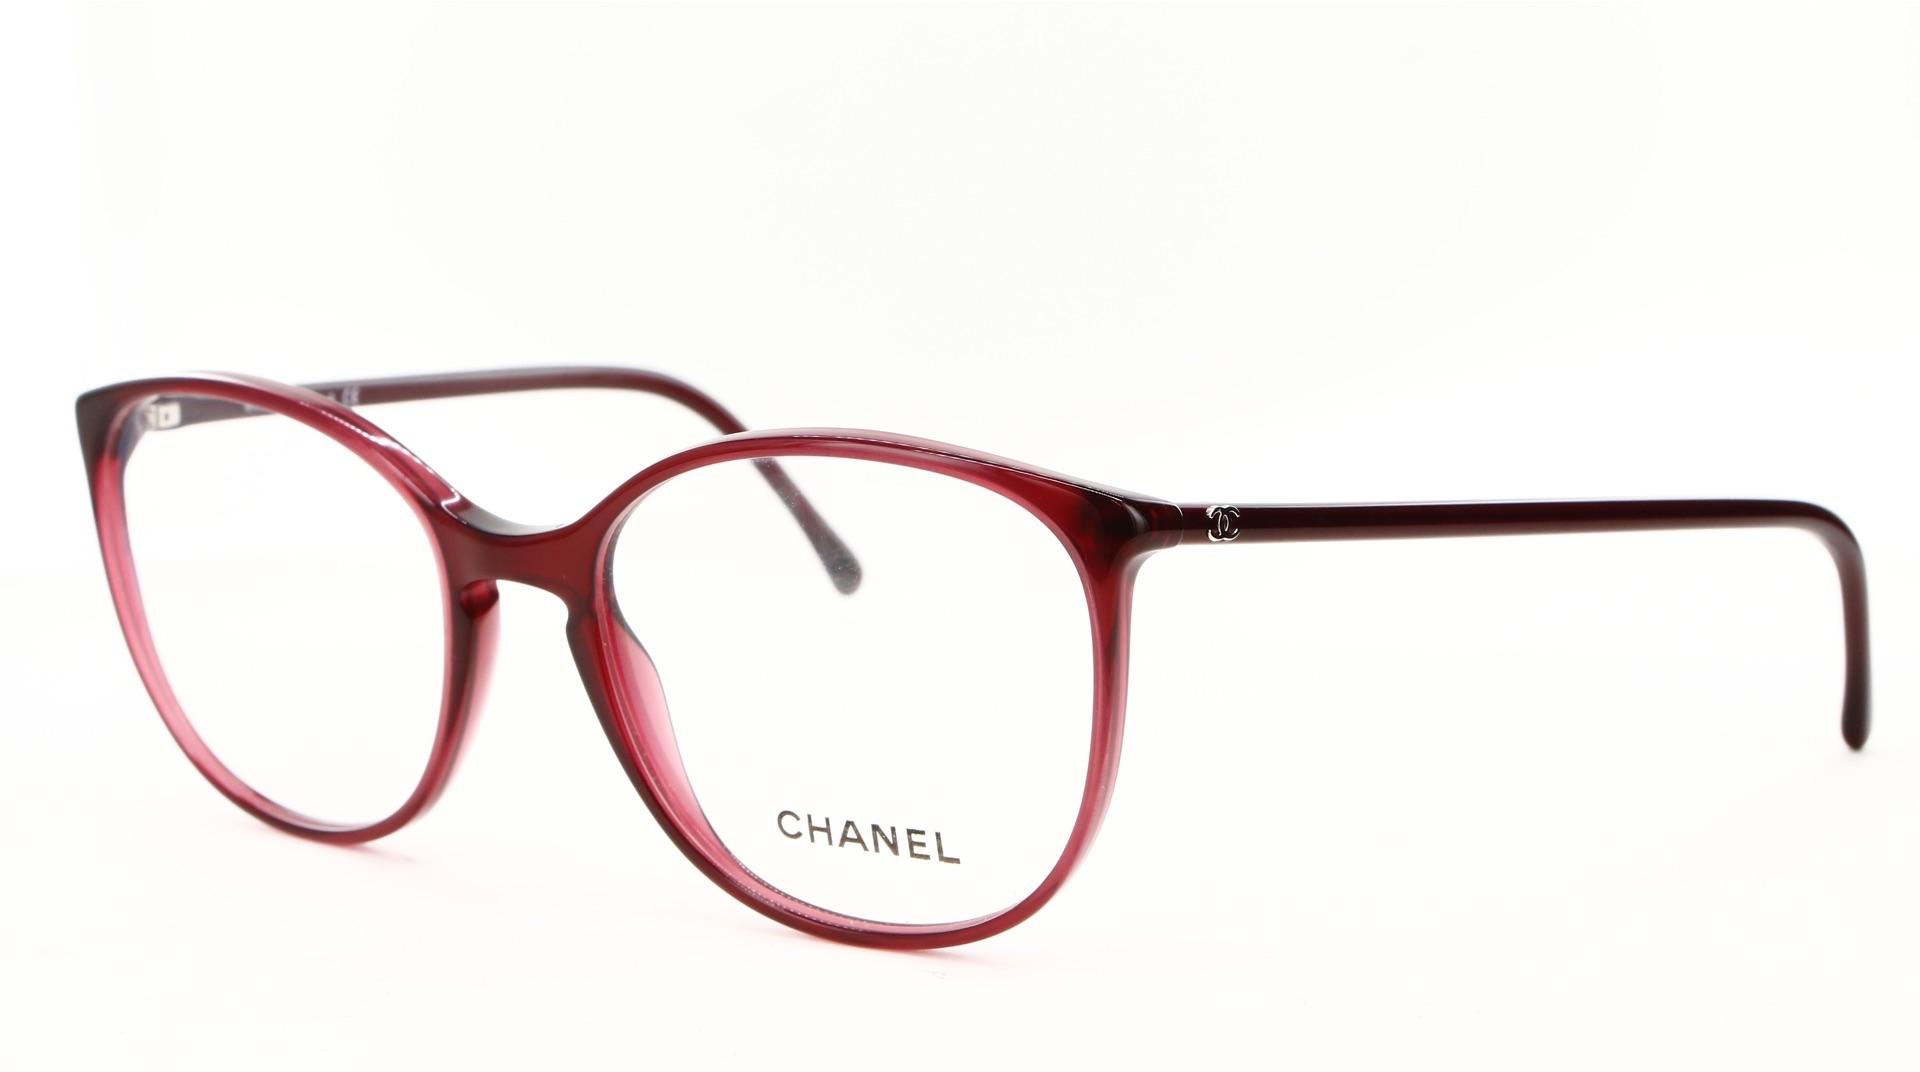 Chanel - ref: 70869